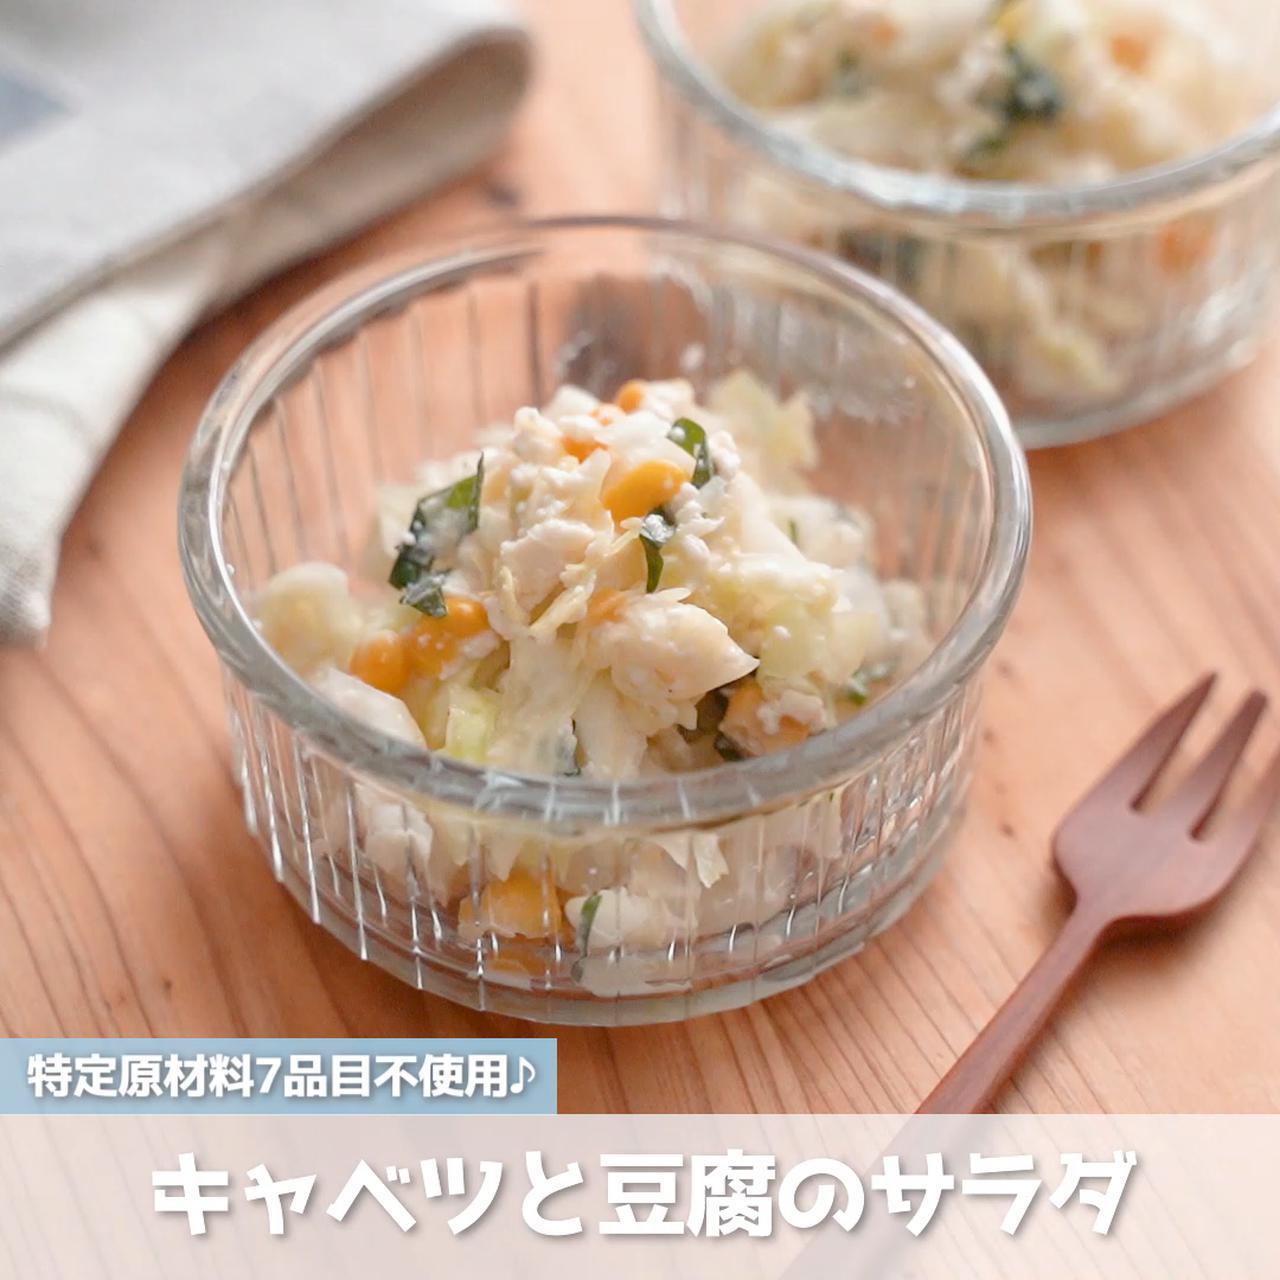 画像: もう一品何か足りないなーって時に和えるだけキャベツと豆腐のサラダ - 君とごはん